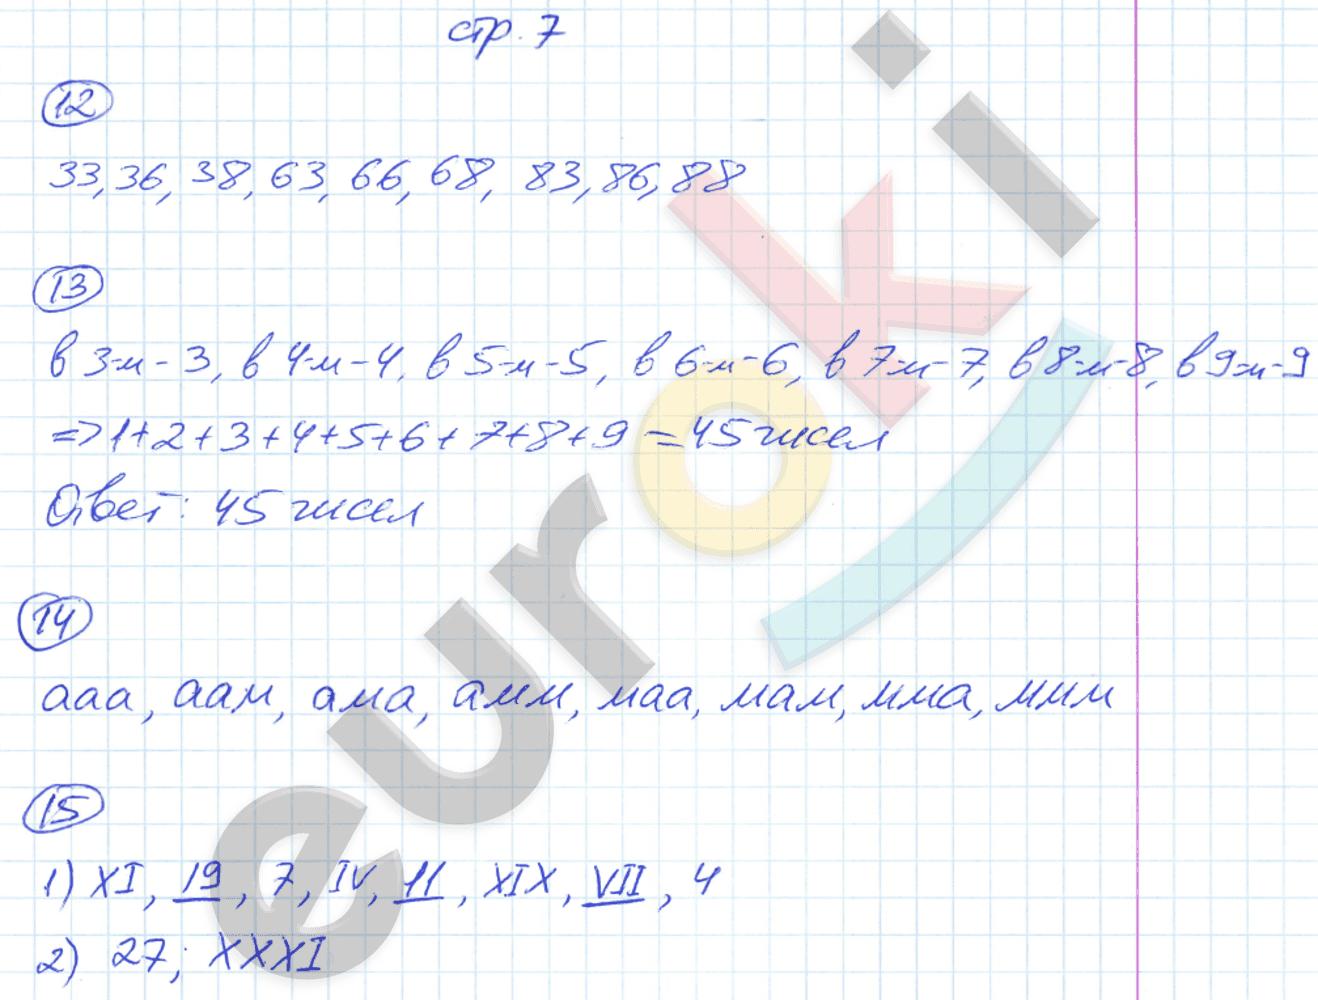 ГДЗ по математике 5 класс рабочая тетрадь Мерзляк, Полонский, Якир Часть 1, 2. Задание: стр. 7